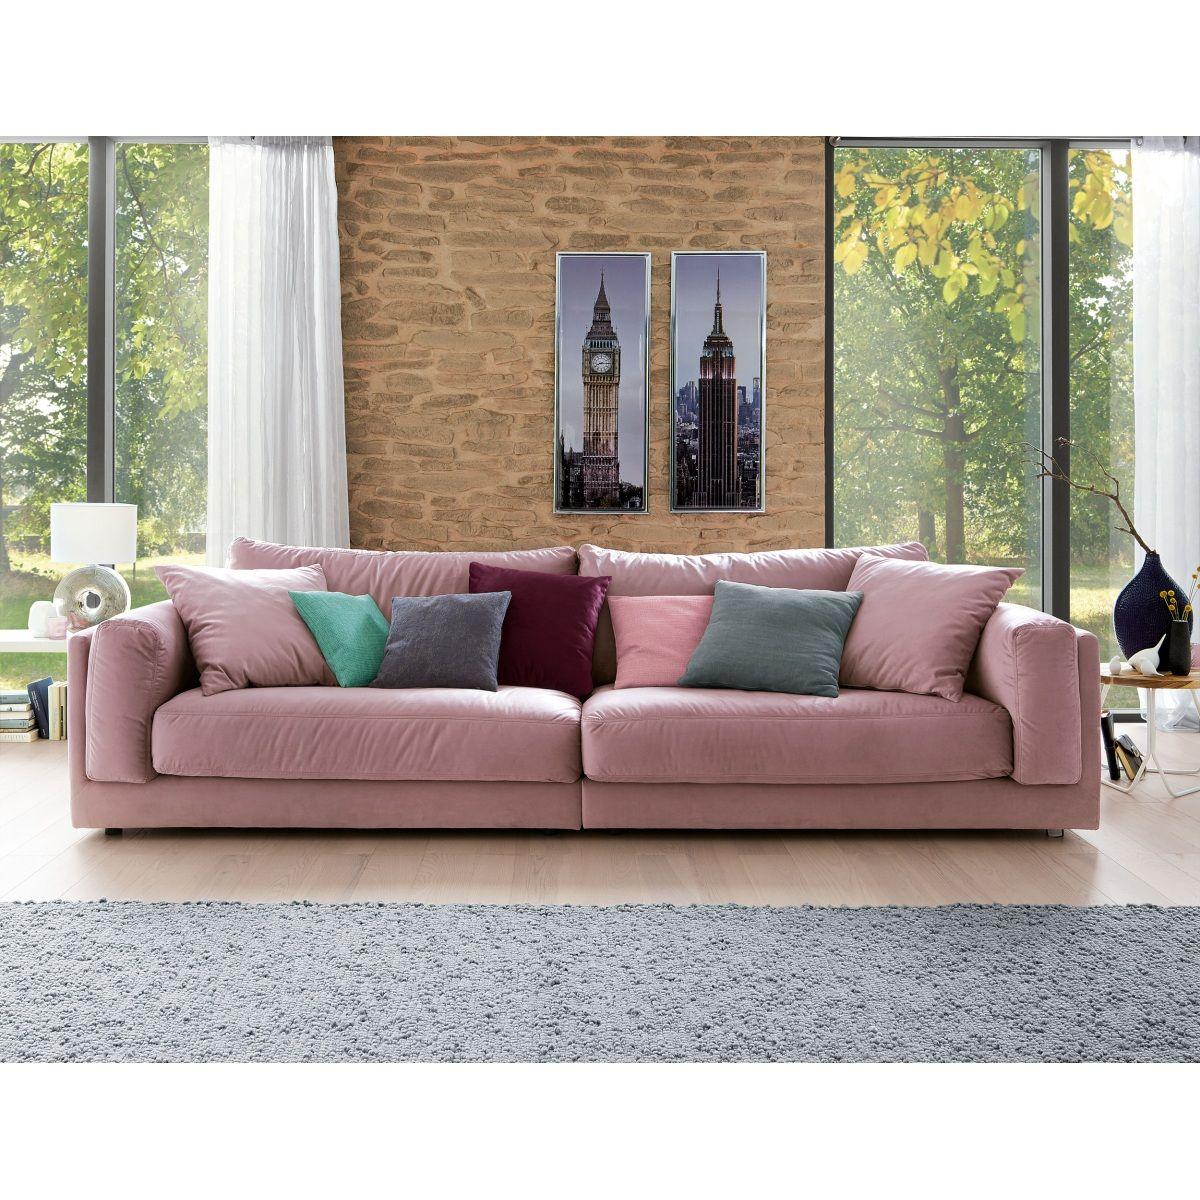 Das Bigsofa bietet neben einer riesigen Liegewiese ebenfalls einen modernen Farbklecks, der Ihr ...